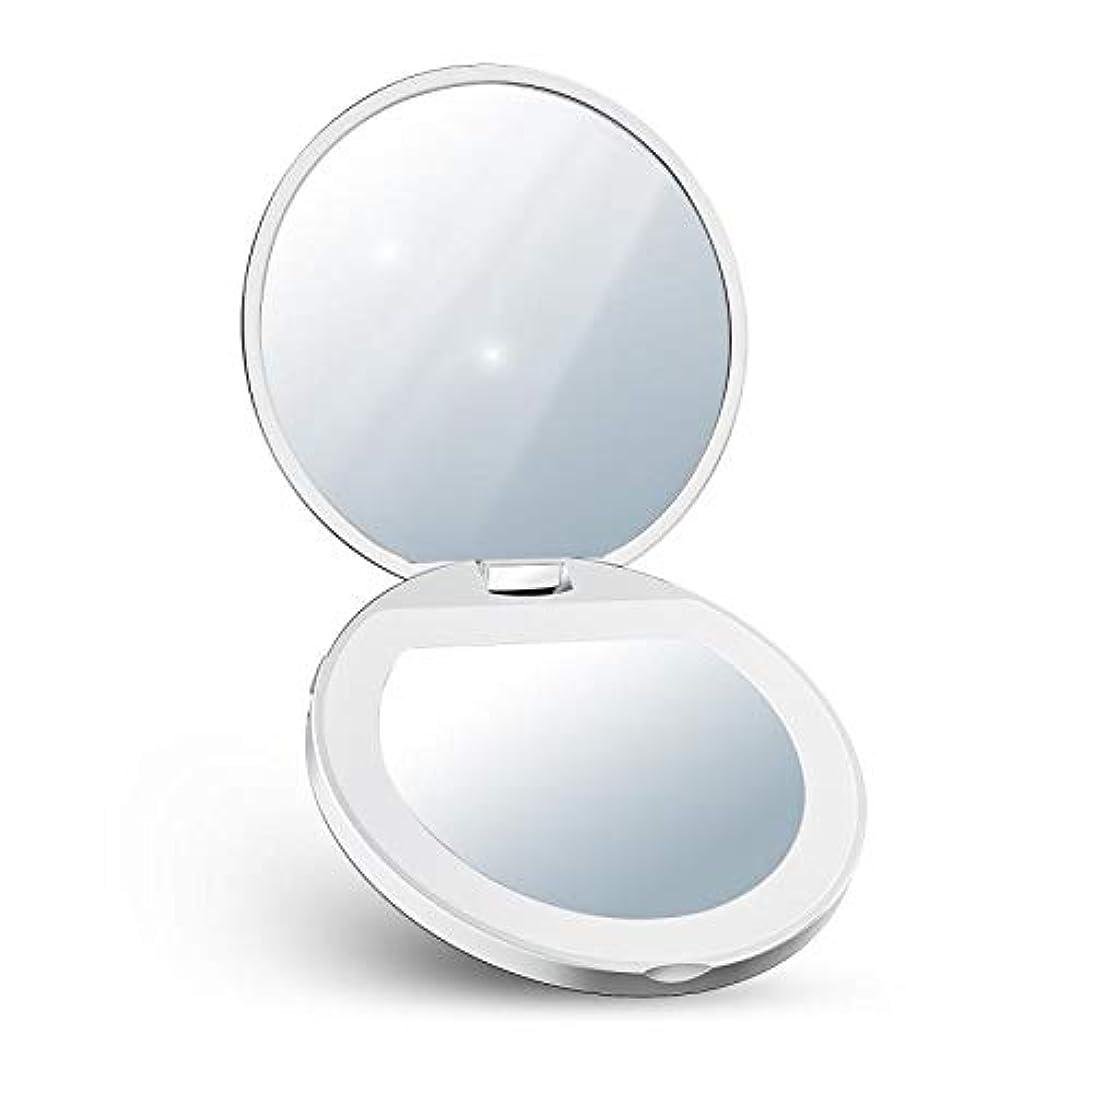 結果レッドデート給料LED化粧鏡 ミラー 折りたたみ式 手鏡  コンパクト  おしゃれ 外出 旅行用 持ち運び便利 化粧ミラー 2倍拡大鏡付き 両面コンパクト鏡  LEDライト付き 明るさ調節可能